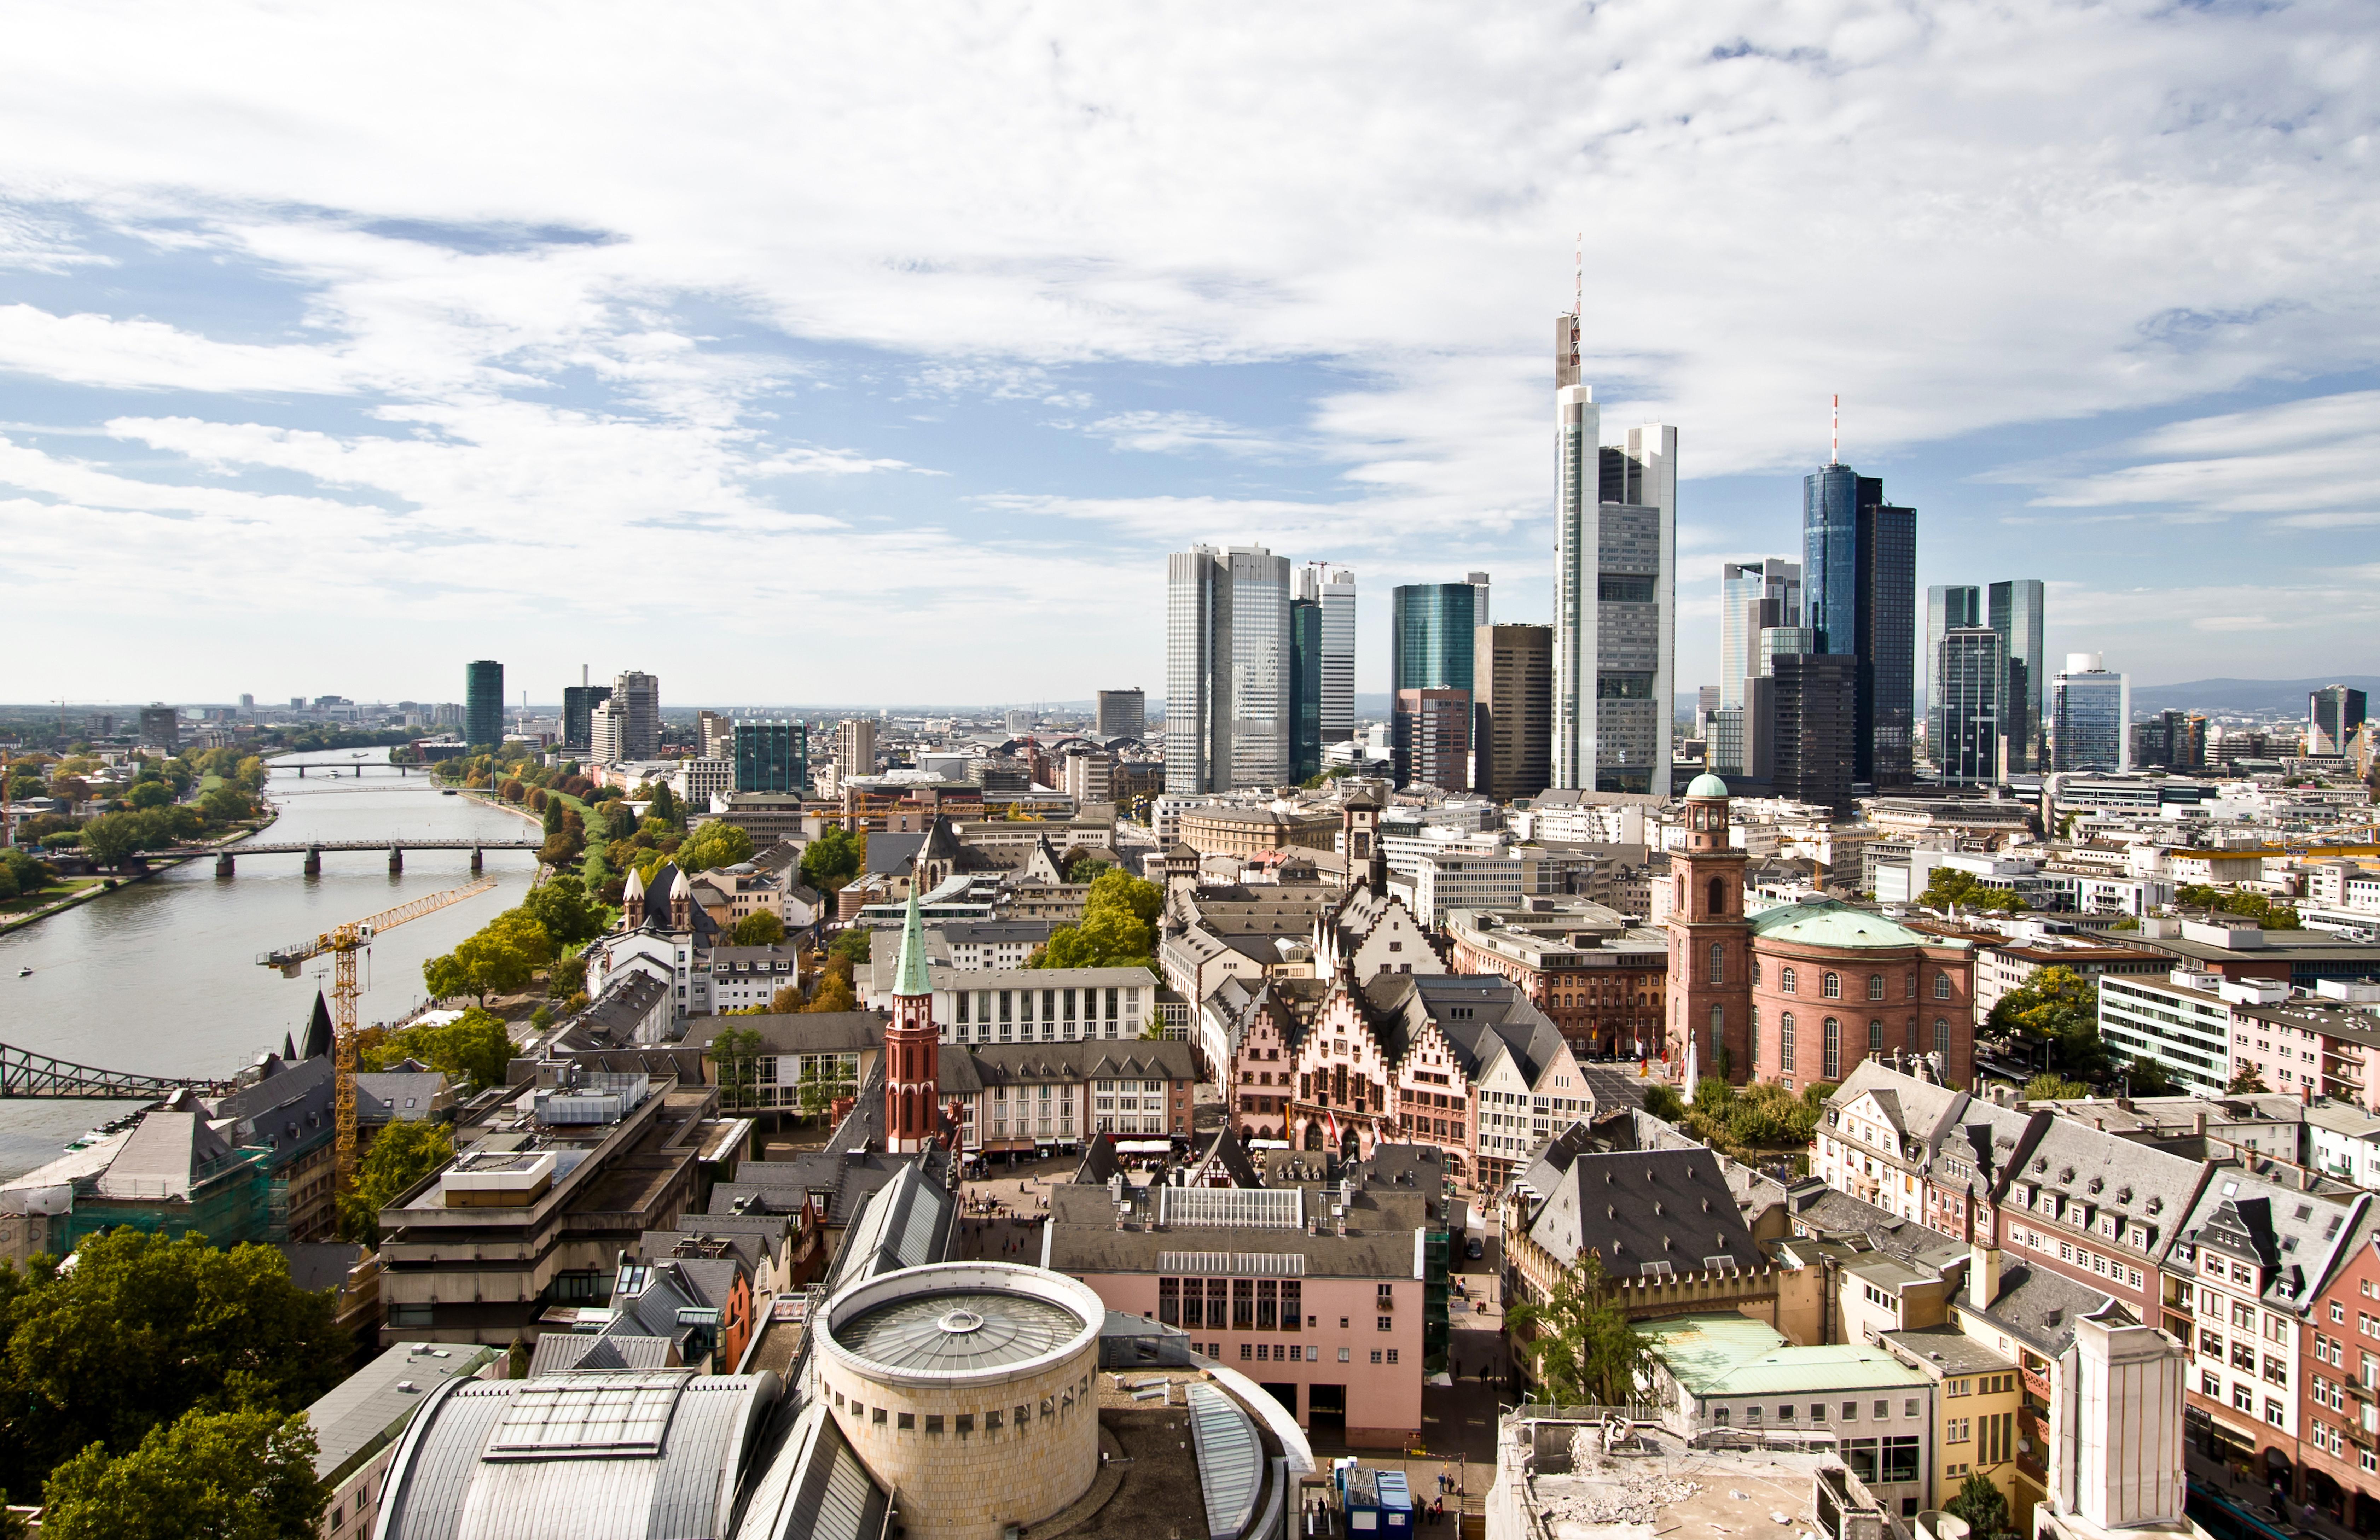 Frankfurt, un intenso paseo entre gigantescos rascacielos - Francia Circuito La Ruta del Champagne, Luxemburgo y Alsacia